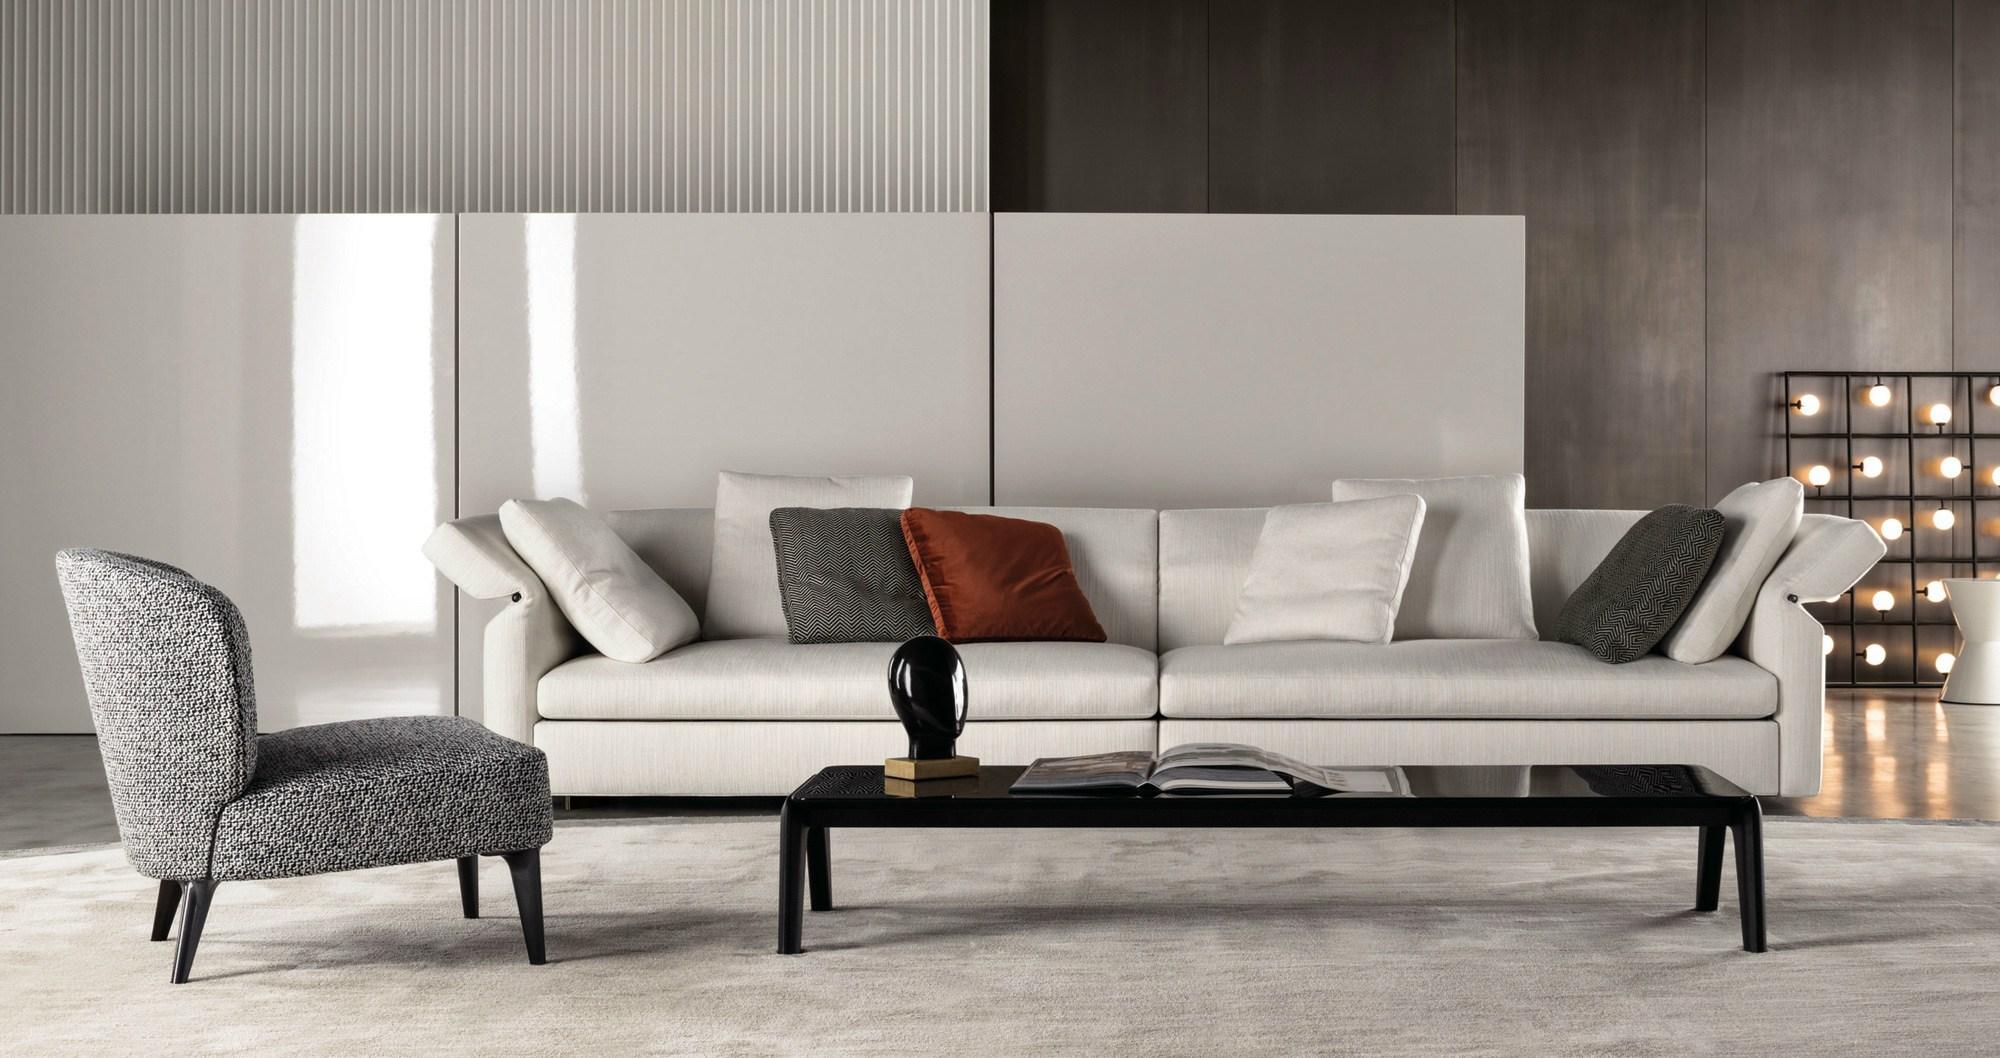 Collar sofa by rodolfo dordoni for minotti sohomod blog for Divani minotti